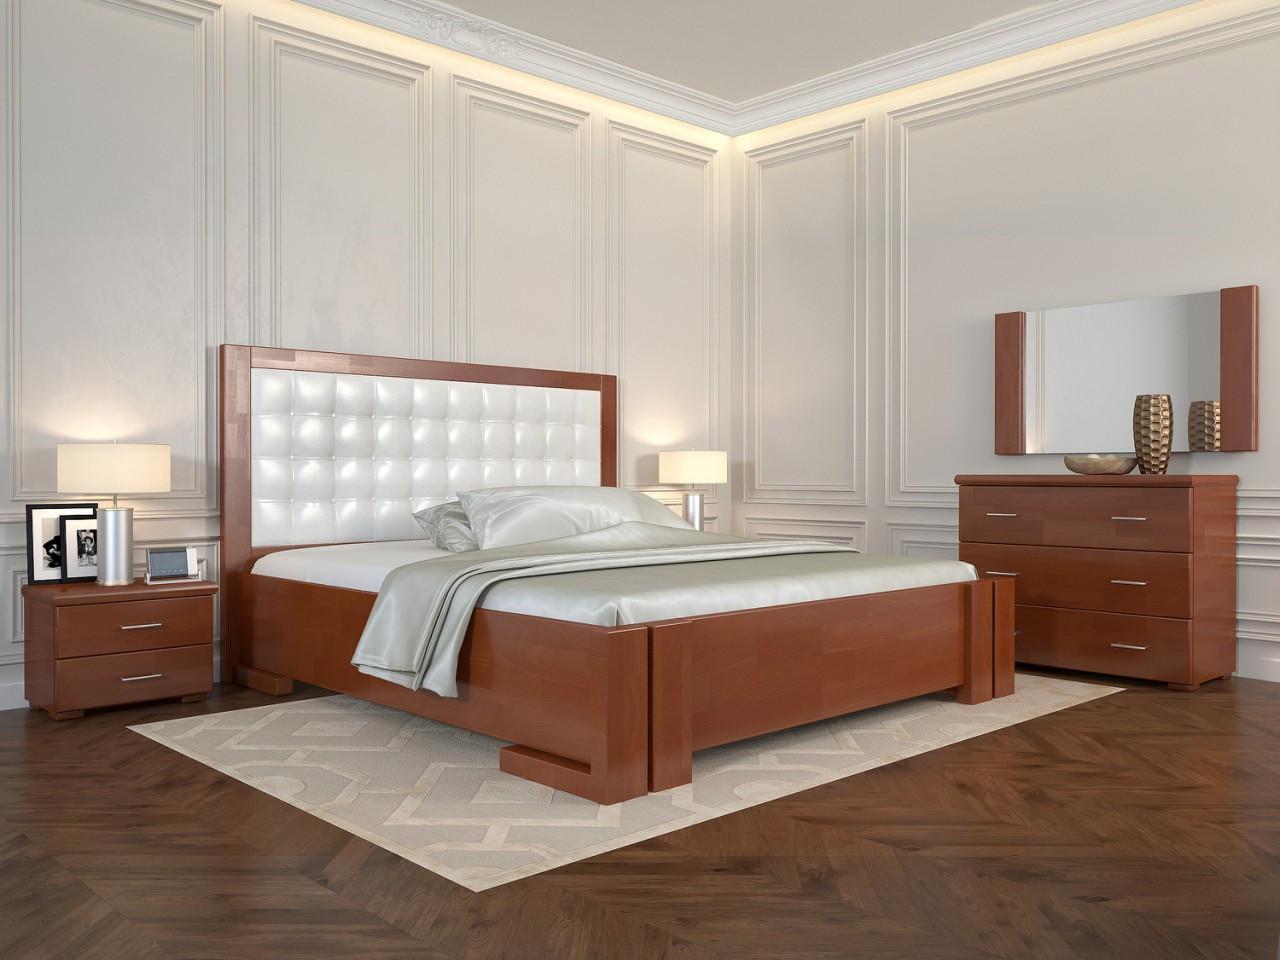 Двоспальне ліжко Арбор Древ Амбер з підйомним механізмом 160х190 сосна (ADS160.2)